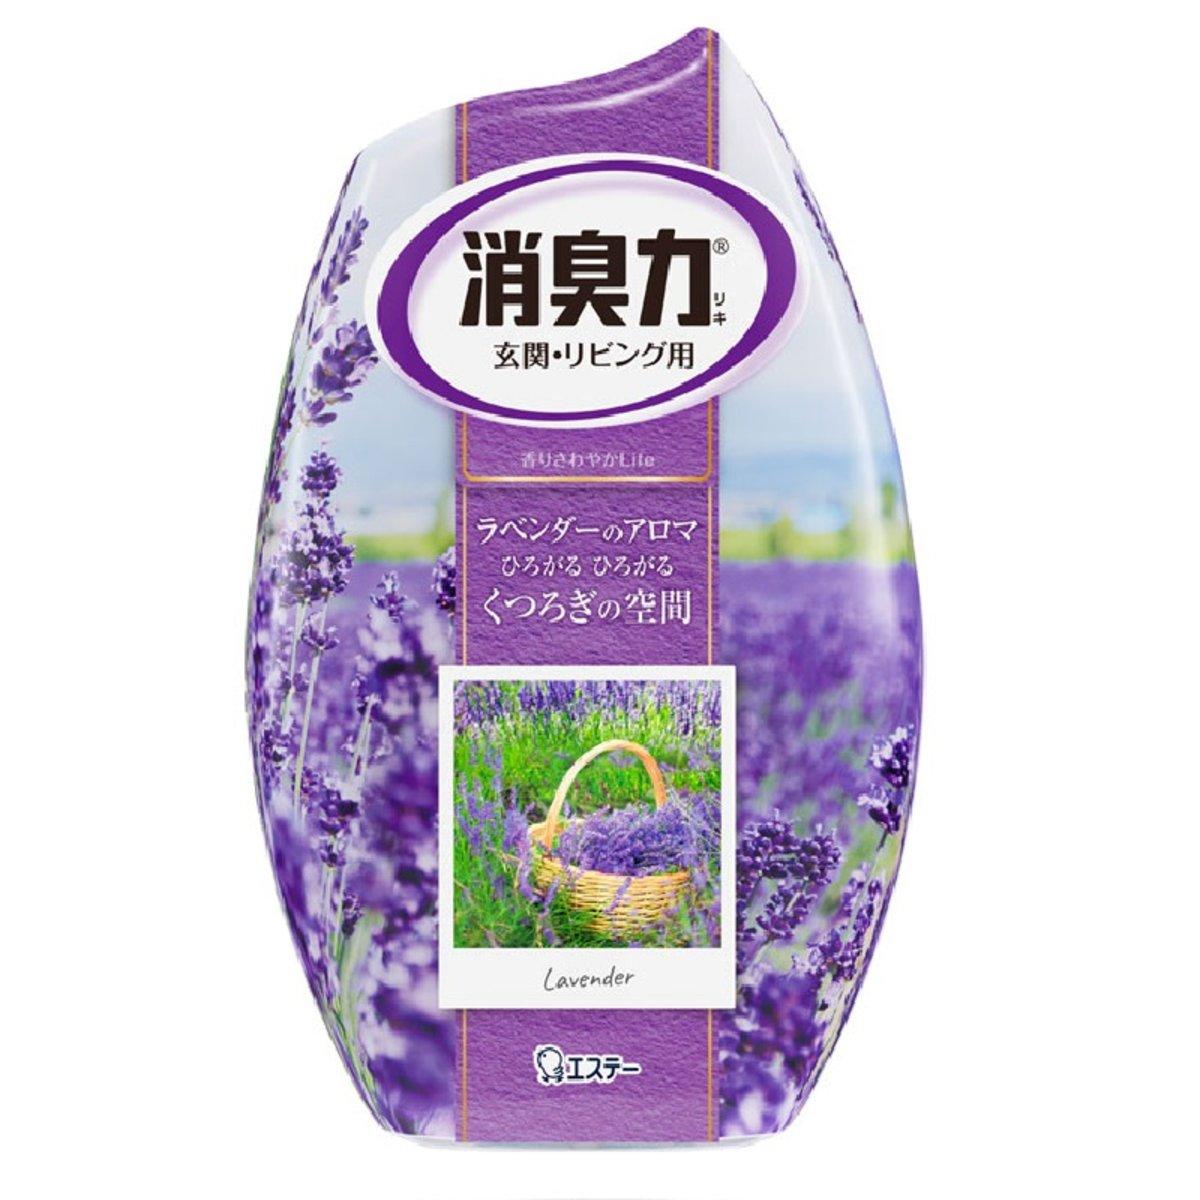 雞仔牌 室內消臭劑(紫)  #薰衣草香 400ml